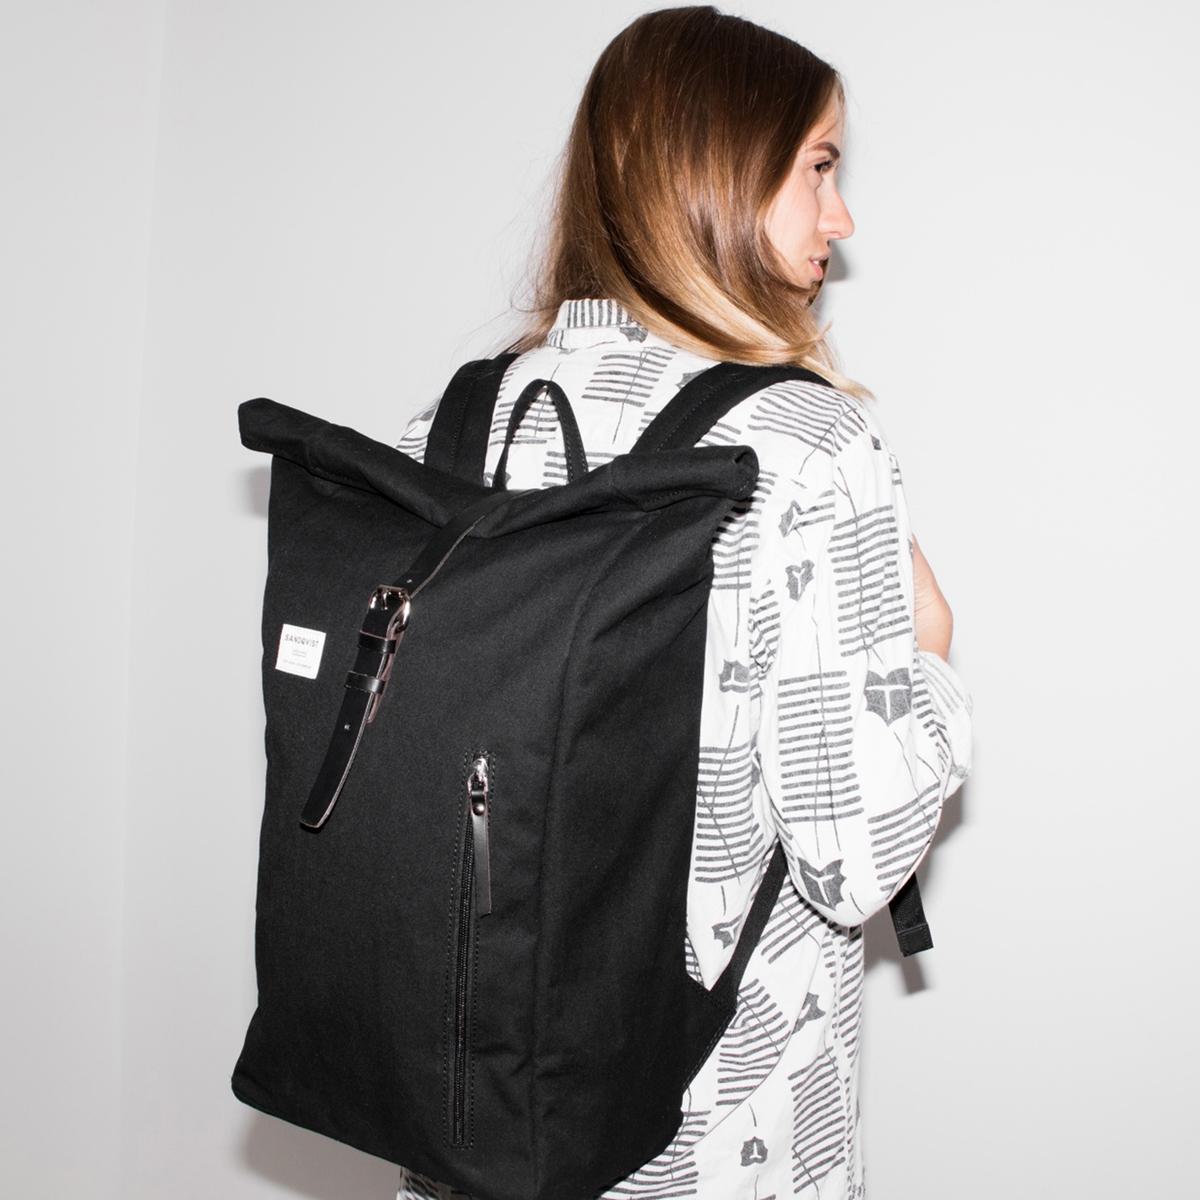 Рюкзак на молнии DANTEОписание:Рюкзак SANDQVIST - модель DANTE : сумка с небольшой ручкой, чтобы носить ее в руках, 2 регулируемыми лямками, чтобы носить через плечо, и 2 небольшими вертикальными карманами на молнии спереди.Детали •  1 небольшая ручка, чтобы носить в руках •  Регулируемые лямки, чтобы носить через плечо •  Кожаный ремешок с металлической пряжкой •  Карман на молнииСостав и уход •  65% биохлопка, 35% переработанного полиэстера •  Детали из кожи •  Подкладка 100% полиэстер •  Следуйте рекомендациям по уходу, указанной на этикетке изделия.<br><br>Цвет: черный